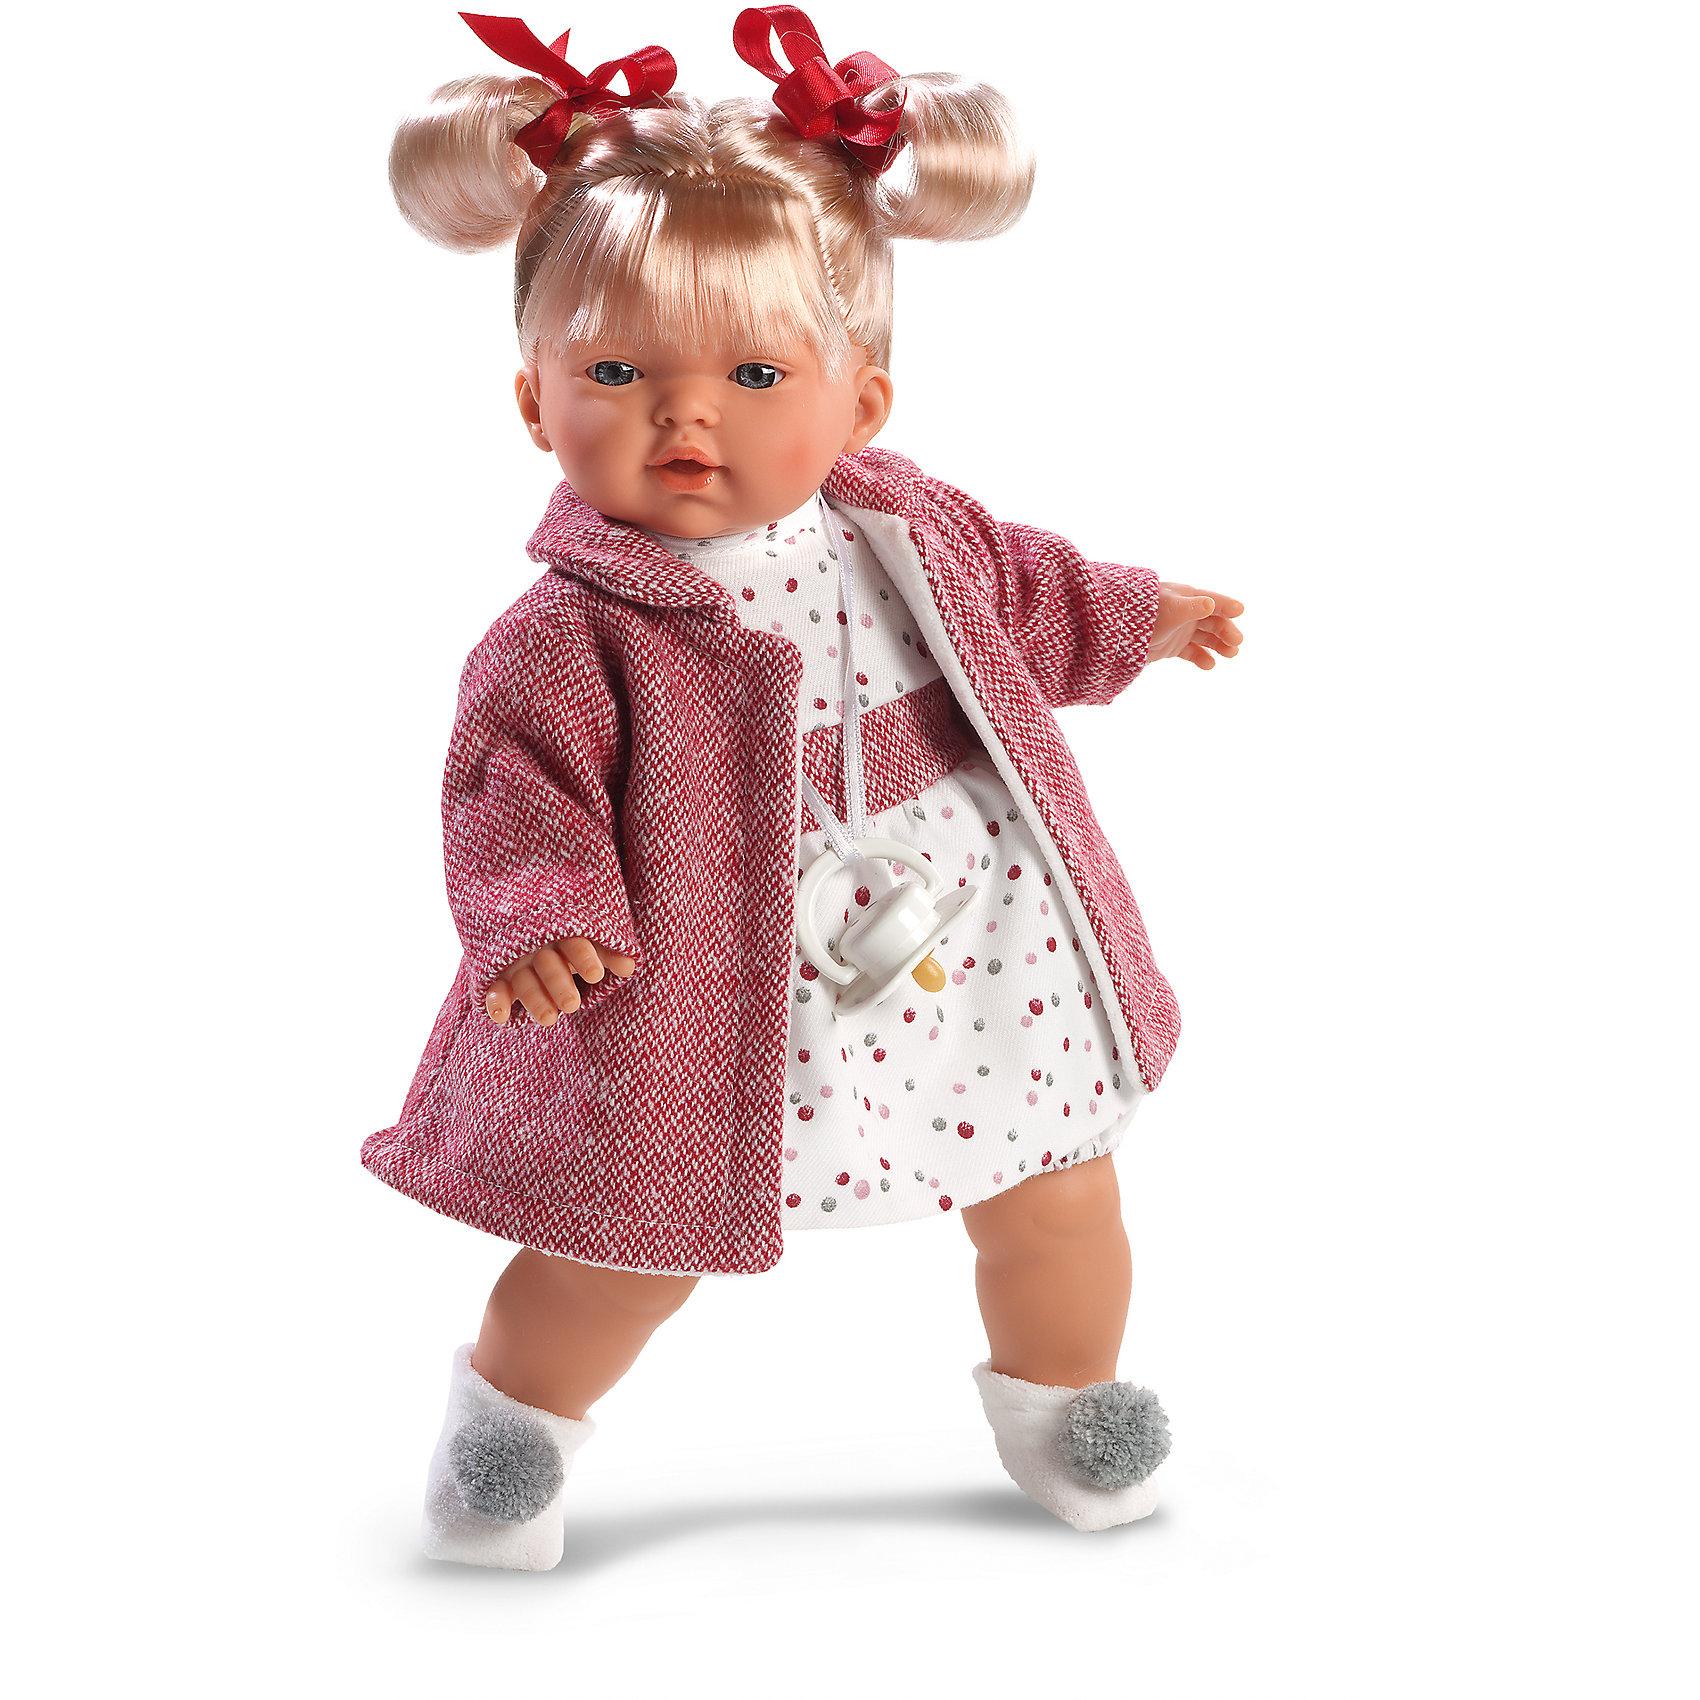 Кукла Татьяна, 33 см, LlorensКлассические куклы<br>Характеристики:<br><br>• Предназначение: для сюжетно-ролевых игр<br>• Тип куклы: мягконабивная<br>• Пол куклы: девочка <br>• Цвет волос: блондинка<br>• Материал: поливинилхлорид, пластик, нейлон, текстиль<br>• Цвет: оттенки розового, белый, красный, серый<br>• Высота куклы: 33 см<br>• Комплектация: кукла, платье, твидовое пальто, носочки, пустышка на ленточке<br>• Вес: 660 г<br>• Размеры упаковки (Д*В*Ш): 20*37*10 см<br>• Упаковка: подарочная картонная коробка <br>• Особенности ухода: допускается деликатная стирка без использования красящих и отбеливающих средств предметов одежды куклы<br><br>Кукла Татьяна 33 см без звука – кукла, производителем которого является всемирно известный испанский кукольный бренд Llorens. Куклы этой торговой марки имеют свою неповторимую внешность и целую линейку образов как пупсов, так и кукол-малышей. Игрушки выполнены из сочетания поливинилхлорида и пластика, что позволяет с высокой долей достоверности воссоздать физиологические и мимические особенности маленьких детей. При изготовлении кукол Llorens используются только сертифицированные материалы, безопасные и не вызывающие аллергических реакций. Волосы у кукол отличаются густотой, шелковистостью и блеском, при расчесывании они не выпадают и не ломаются.<br>Кукла Татьяна 33 см без звука выполнена в образе малышки: блондинка с голубыми глазами и задорными хвостиками, которые завязаны красными ленточками. В комплект одежды Татьяны входит платьице в разноцветный горох, твидовое пальто розового цвета и белые носочки с серыми помпонами. У малышки имеется соска на ленточке. <br>Кукла Татьяна 33 см без звука – это идеальный вариант для подарка к различным праздникам и торжествам.<br><br>Куклу Татьяну 33 см без звука можно купить в нашем интернет-магазине.<br><br>Ширина мм: 20<br>Глубина мм: 37<br>Высота мм: 10<br>Вес г: 660<br>Возраст от месяцев: 36<br>Возраст до месяцев: 84<br>Пол: Женский<br>Возраст: Детский<br>SKU: 5086893